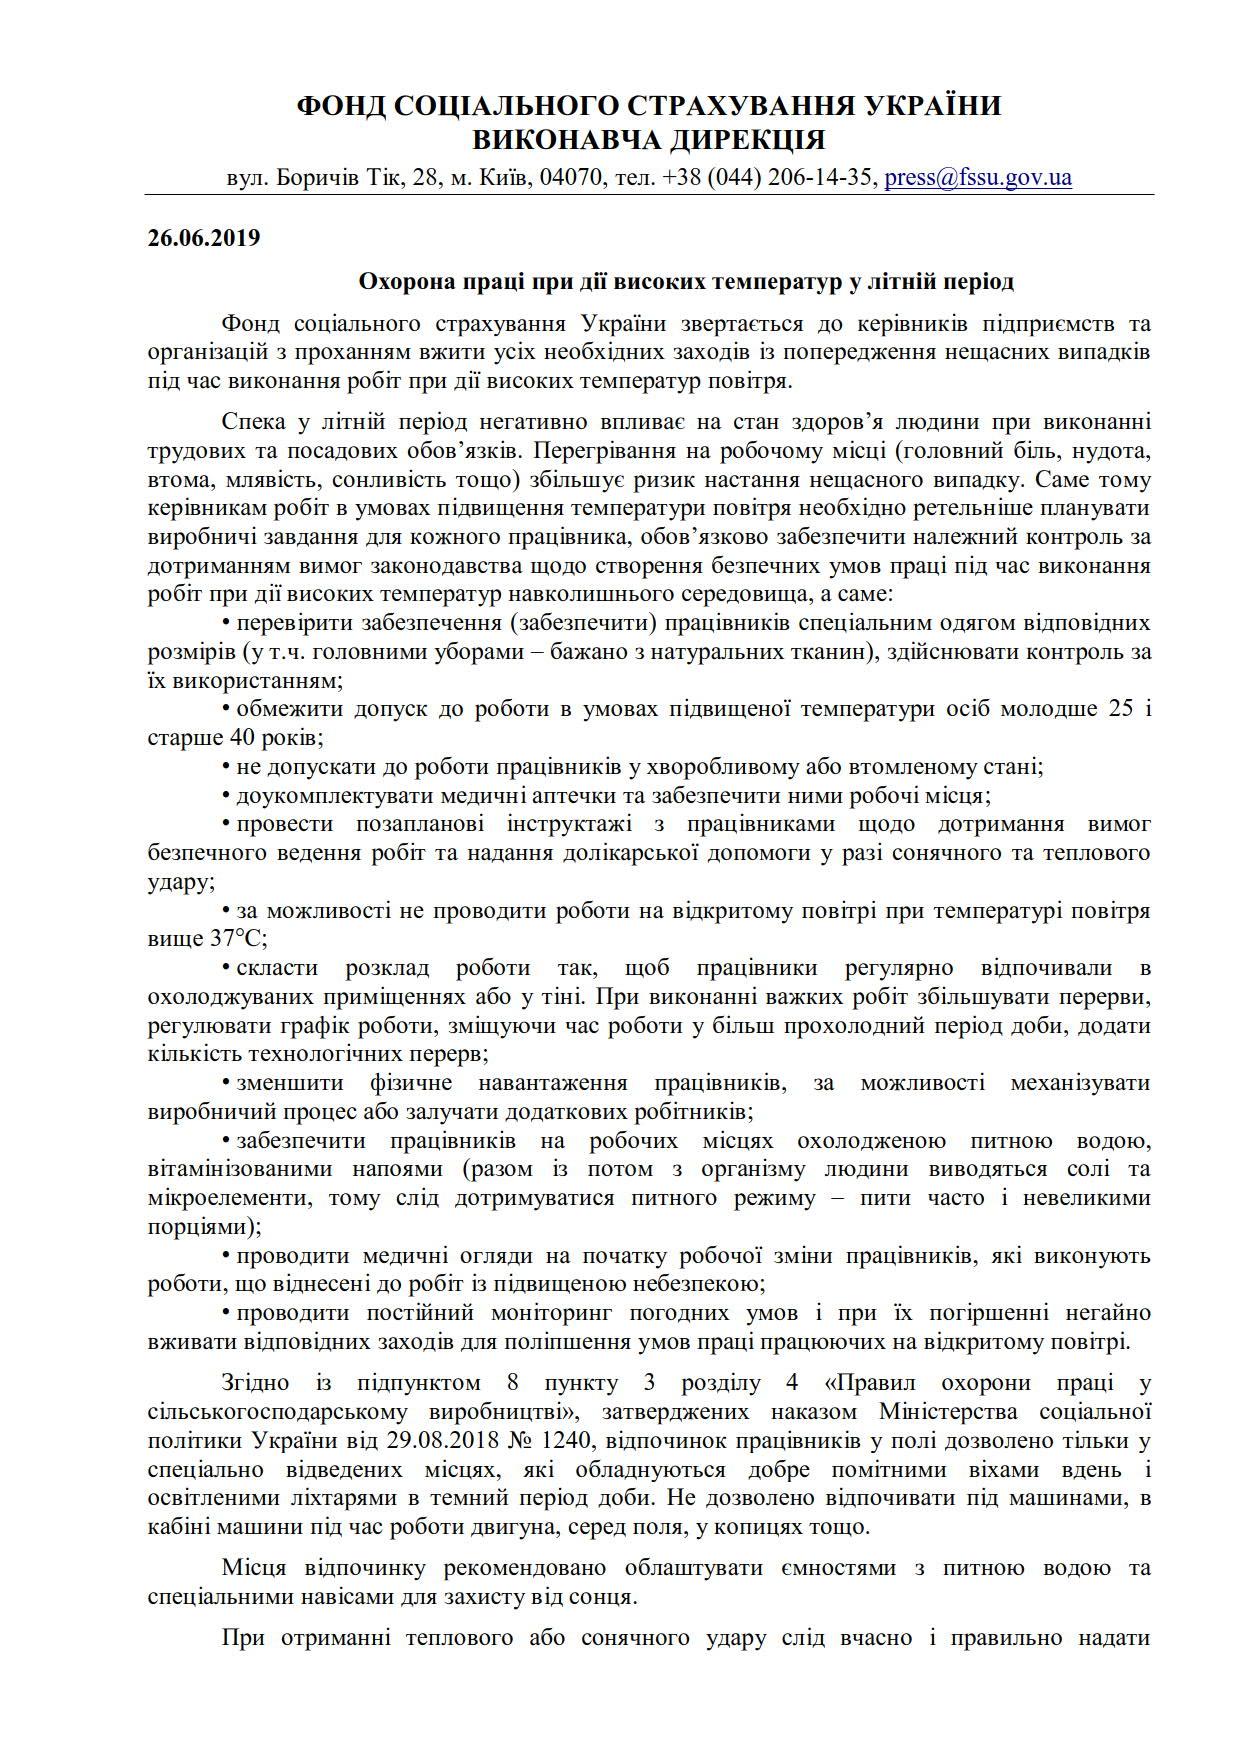 ФССУ_Охорона праці у літній період_1